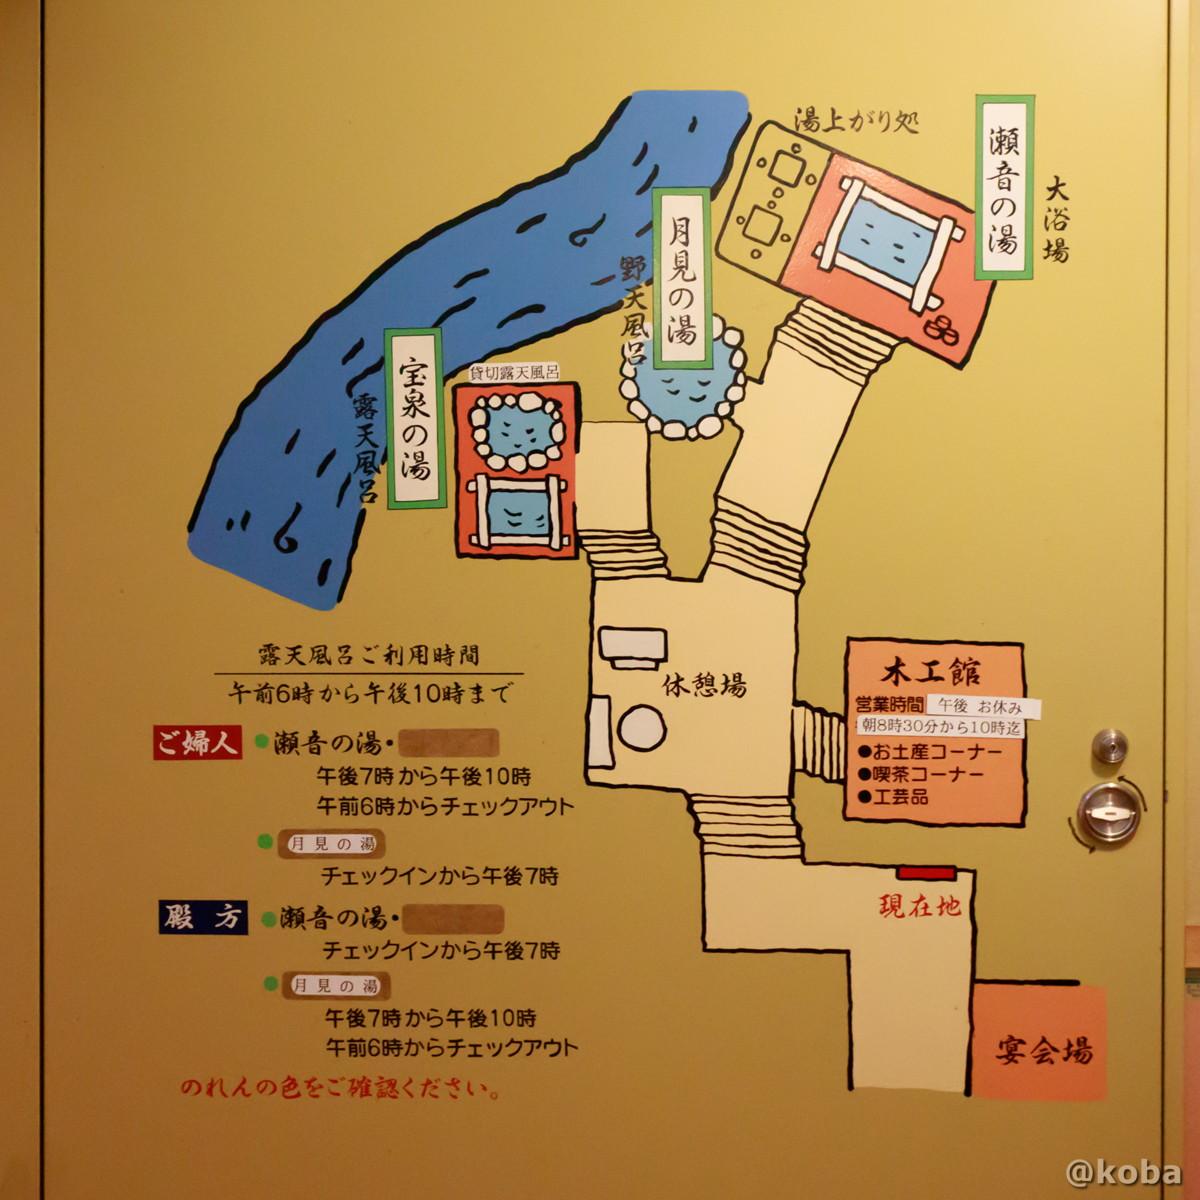 お風呂の時間割の写真│たんげ温泉 美郷館(みさとかん)│群馬県 吾妻郡